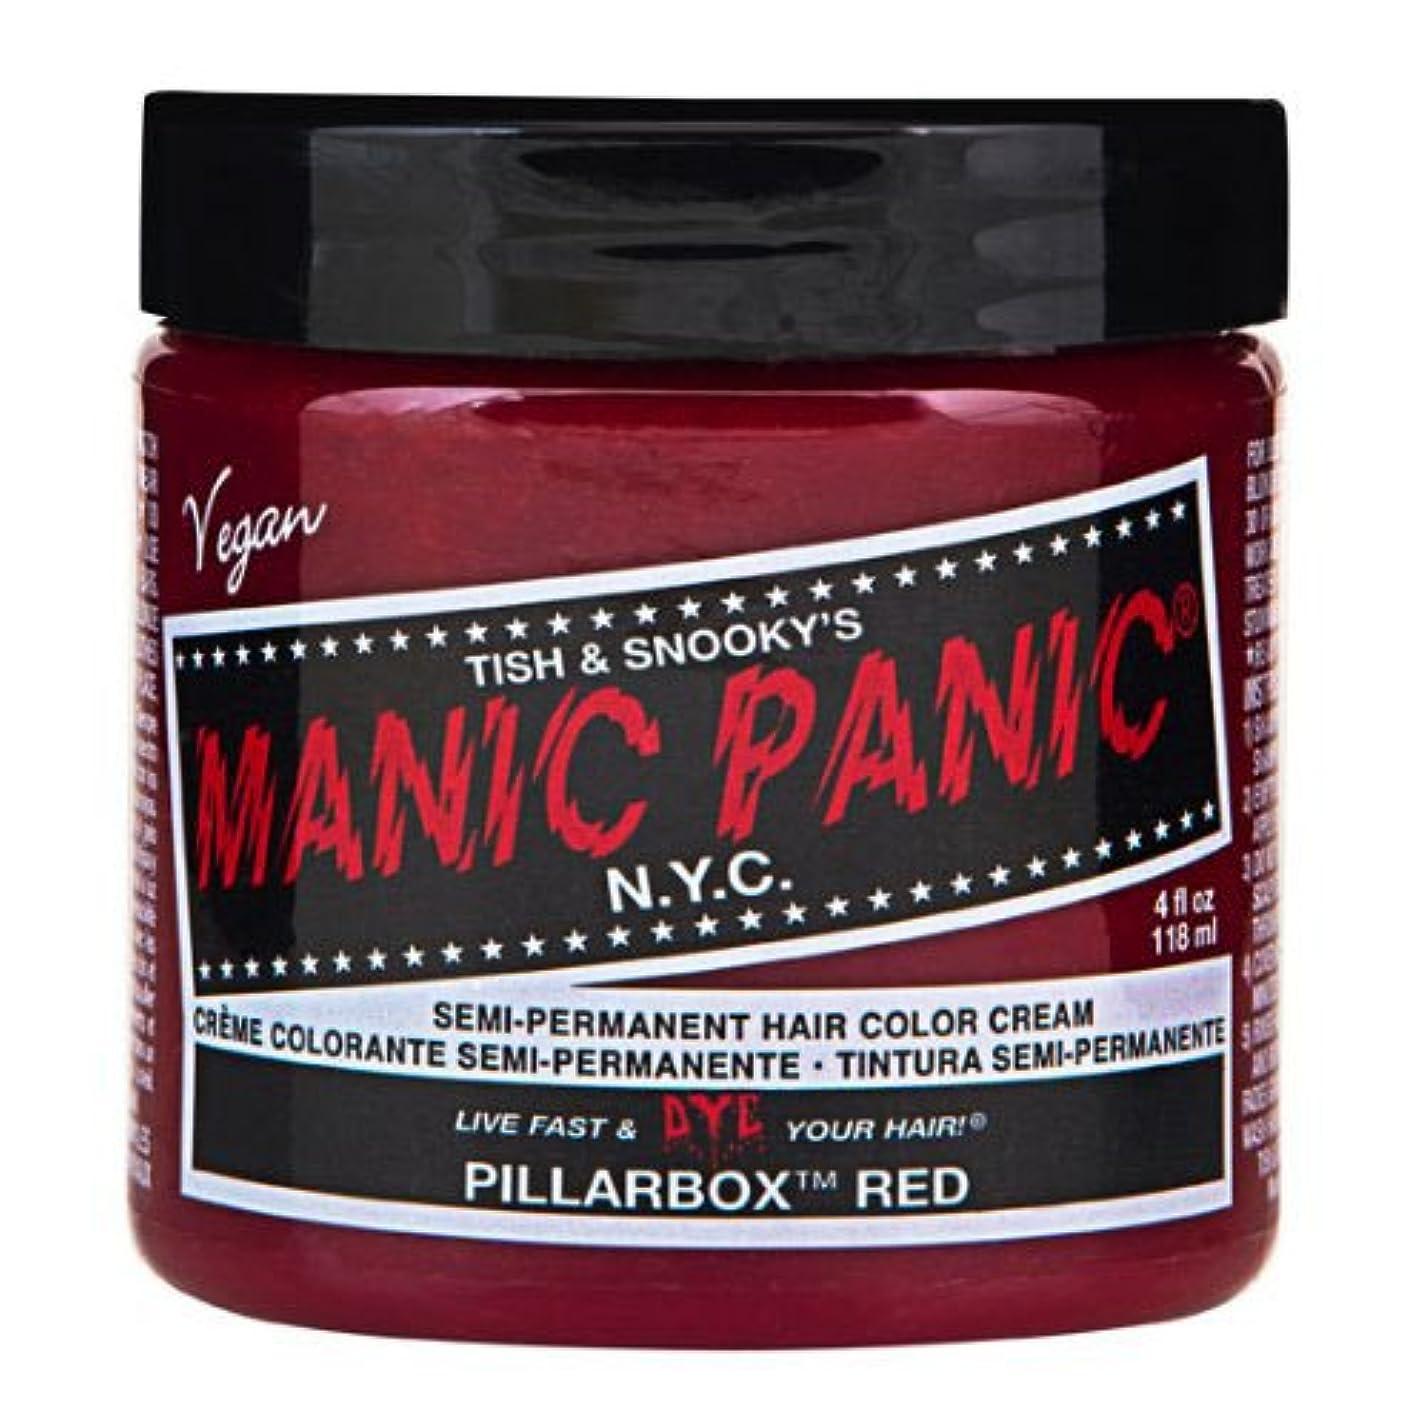 薬用何アボートマニックパニック カラークリーム ピラーボックスレッド